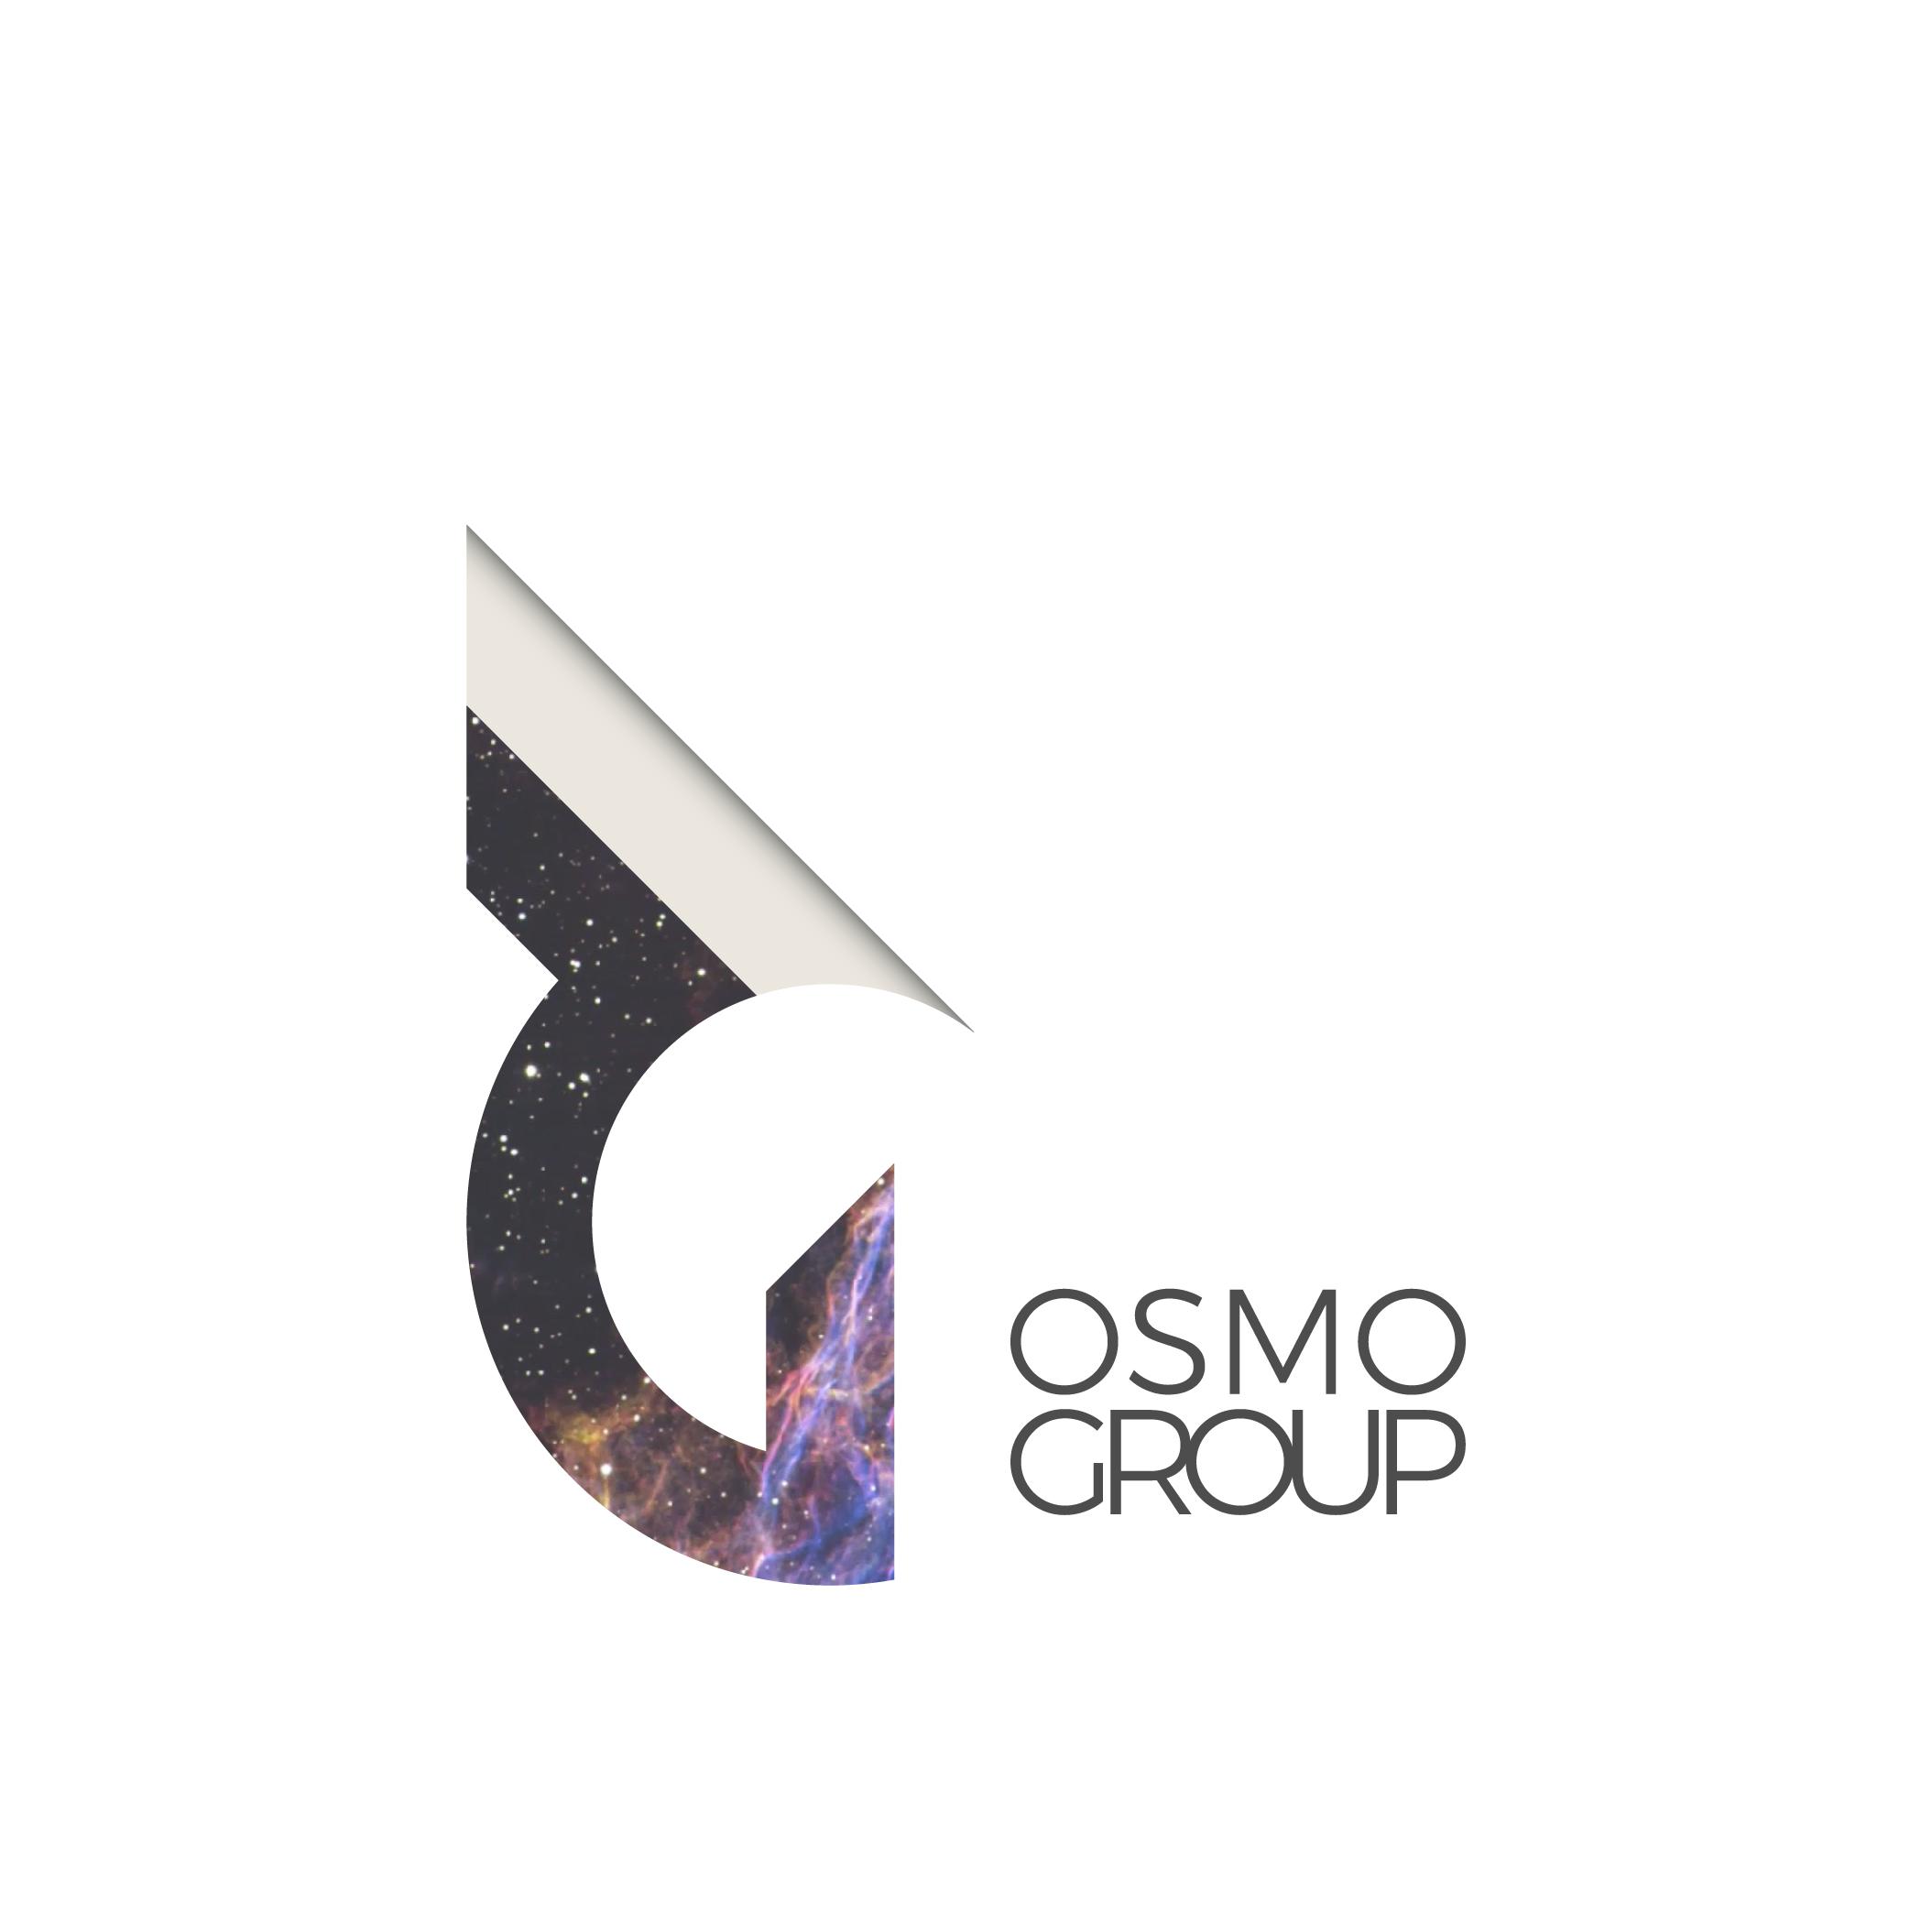 Создание логотипа для строительной компании OSMO group  фото f_75459b5a8c88ea61.jpg